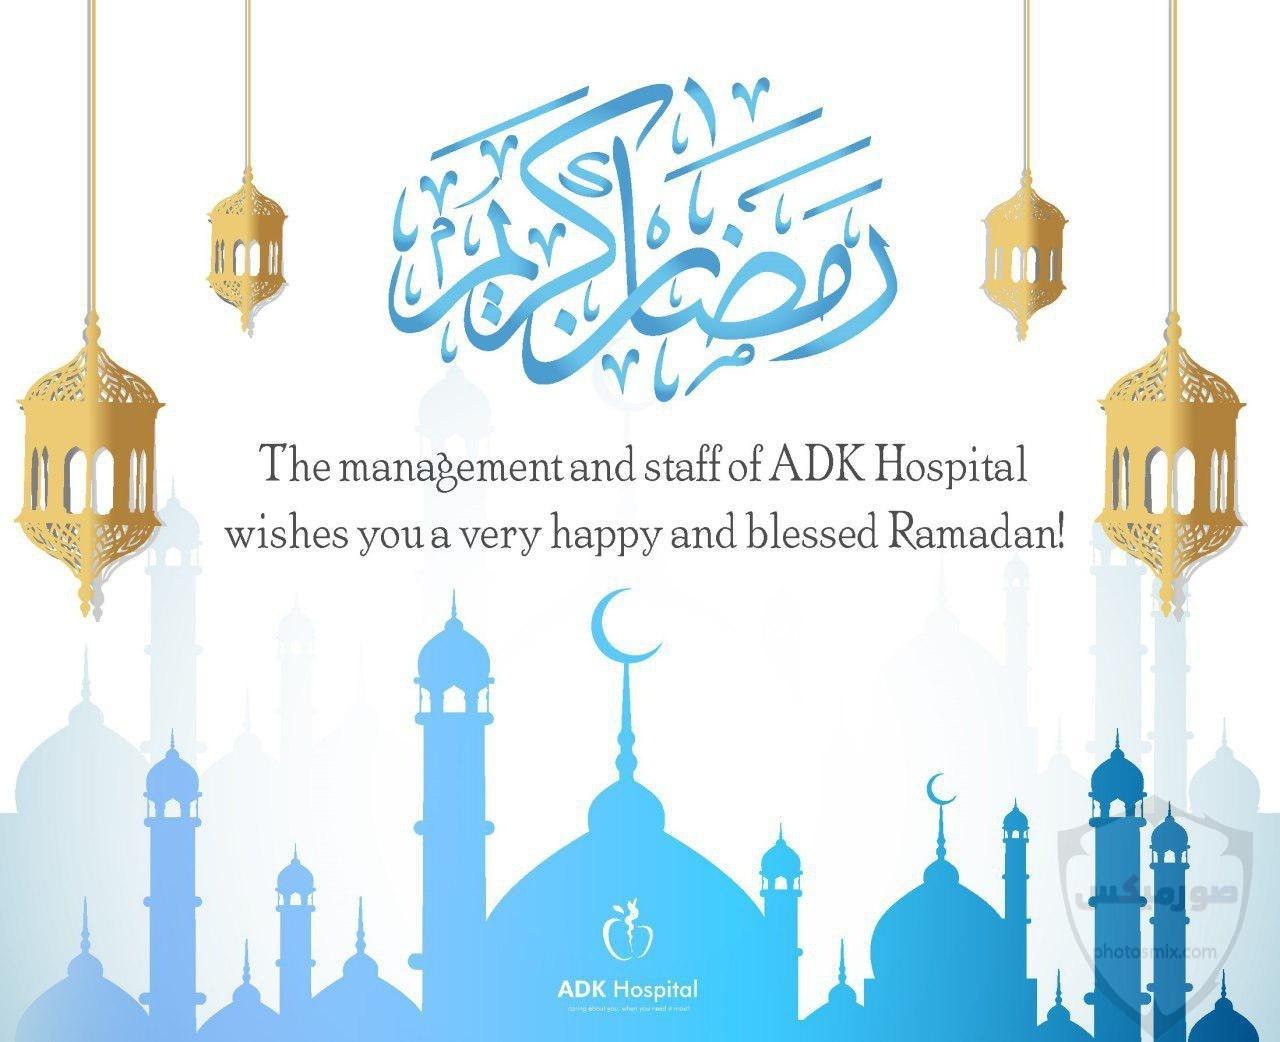 صور رمضان 2020 خلفيات صور رمضان 2020 7 1